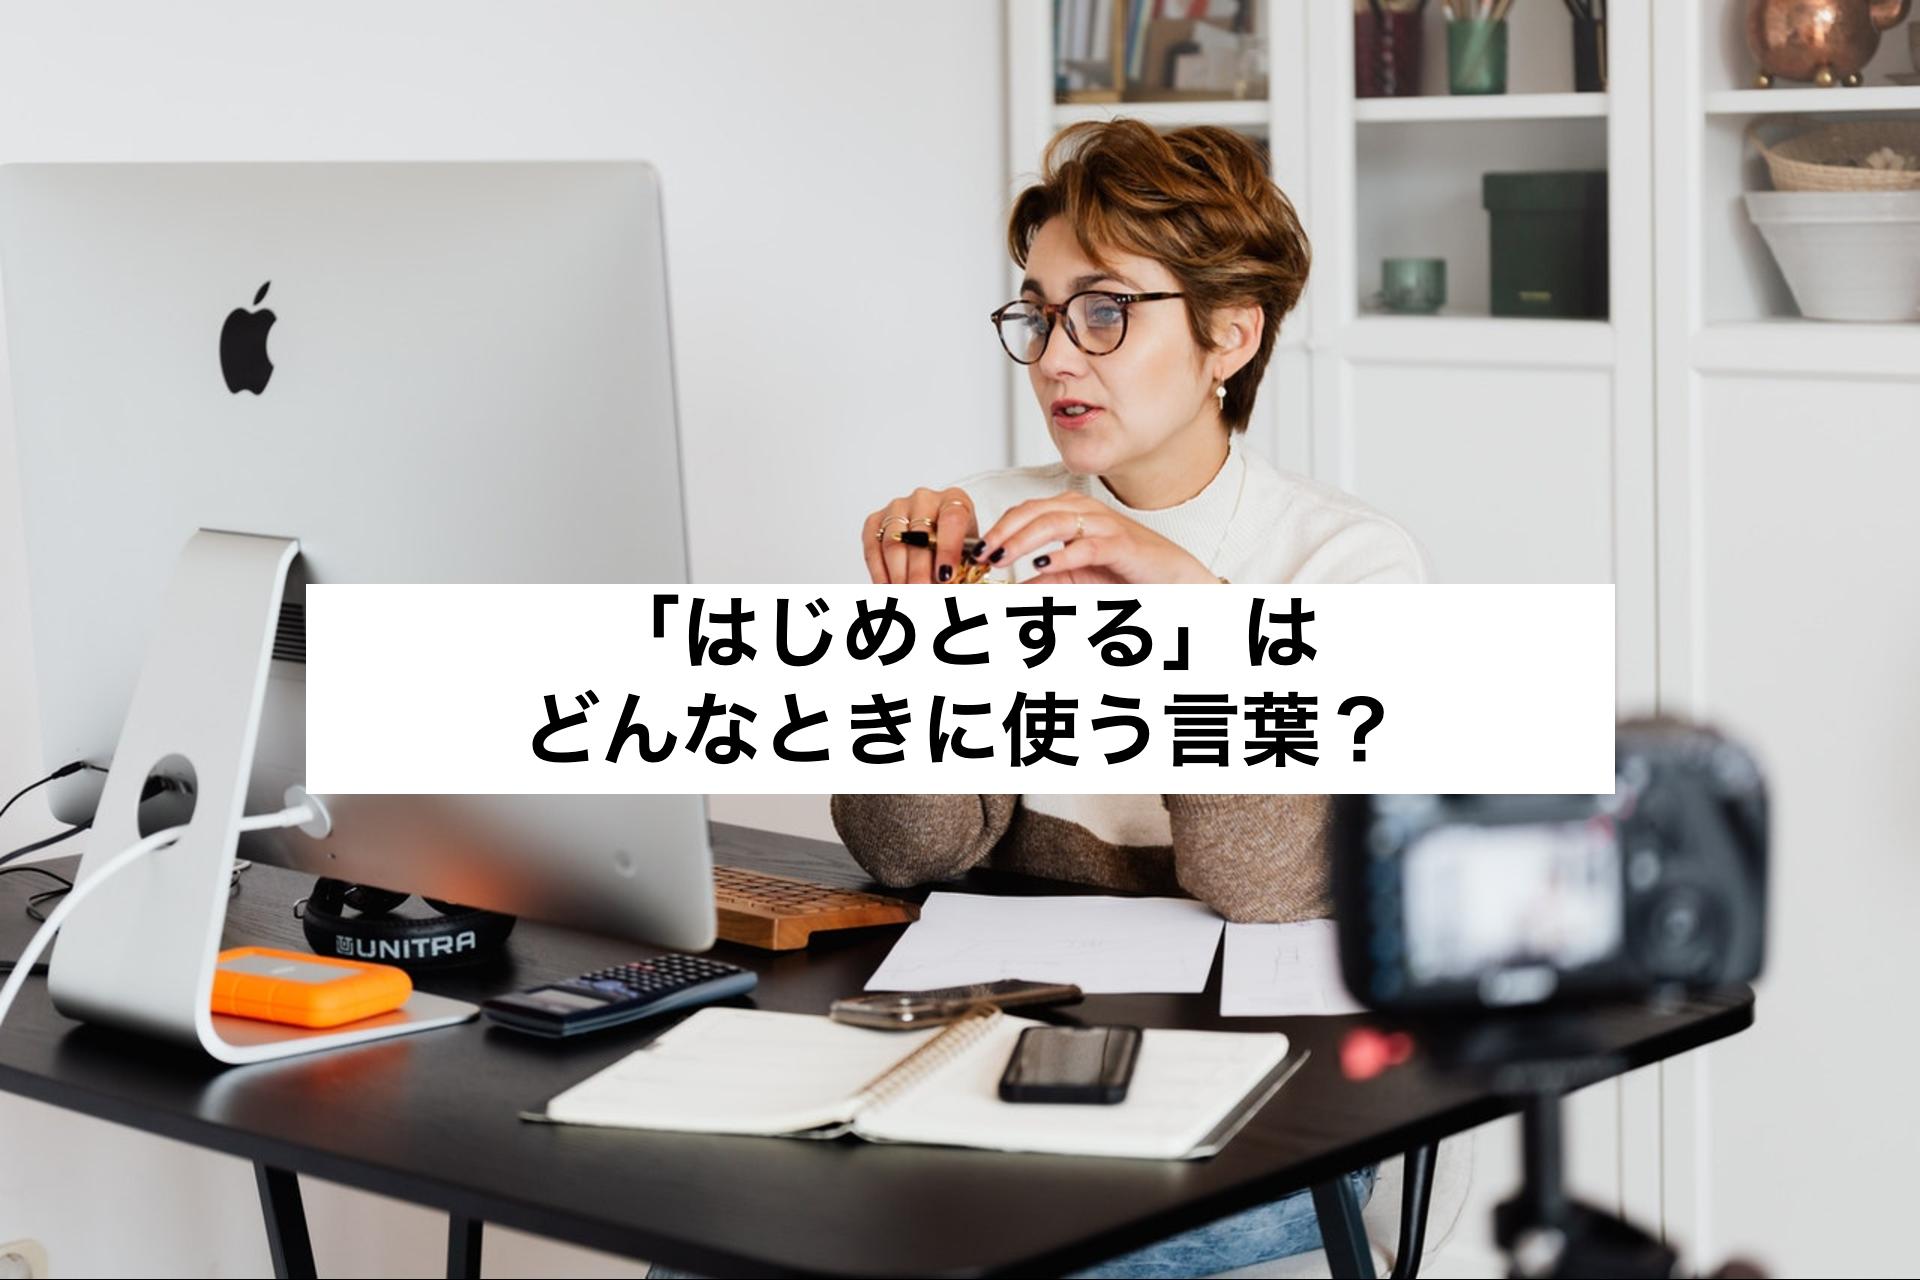 「はじめとする」はどんなときに使う?意味や例文、漢字の書き方も解説